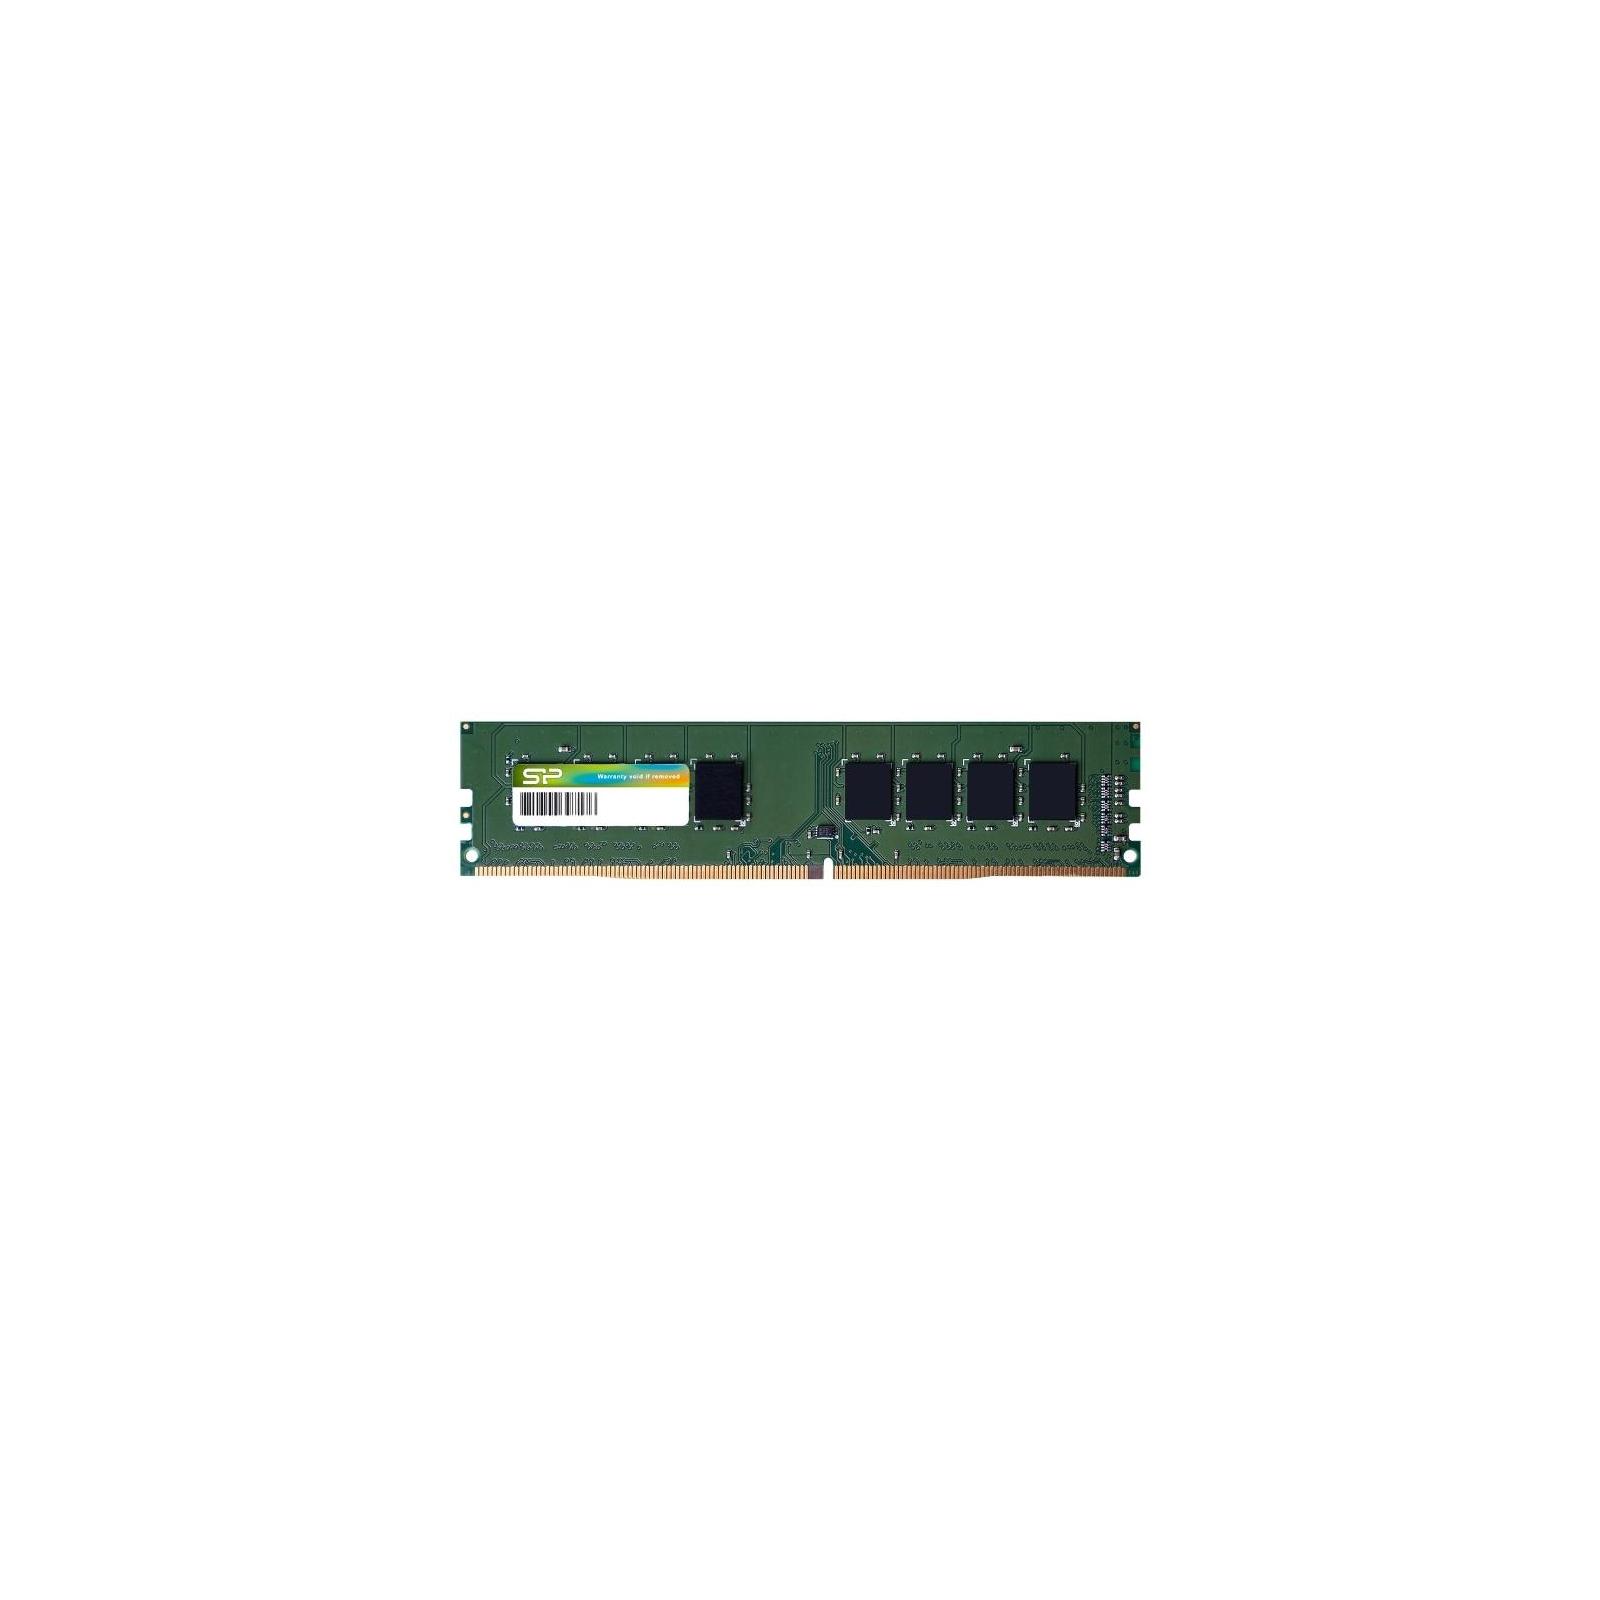 Модуль памяти для компьютера DDR4 4GB 2400 MHz Silicon Power (SP004GBLFU240C02)